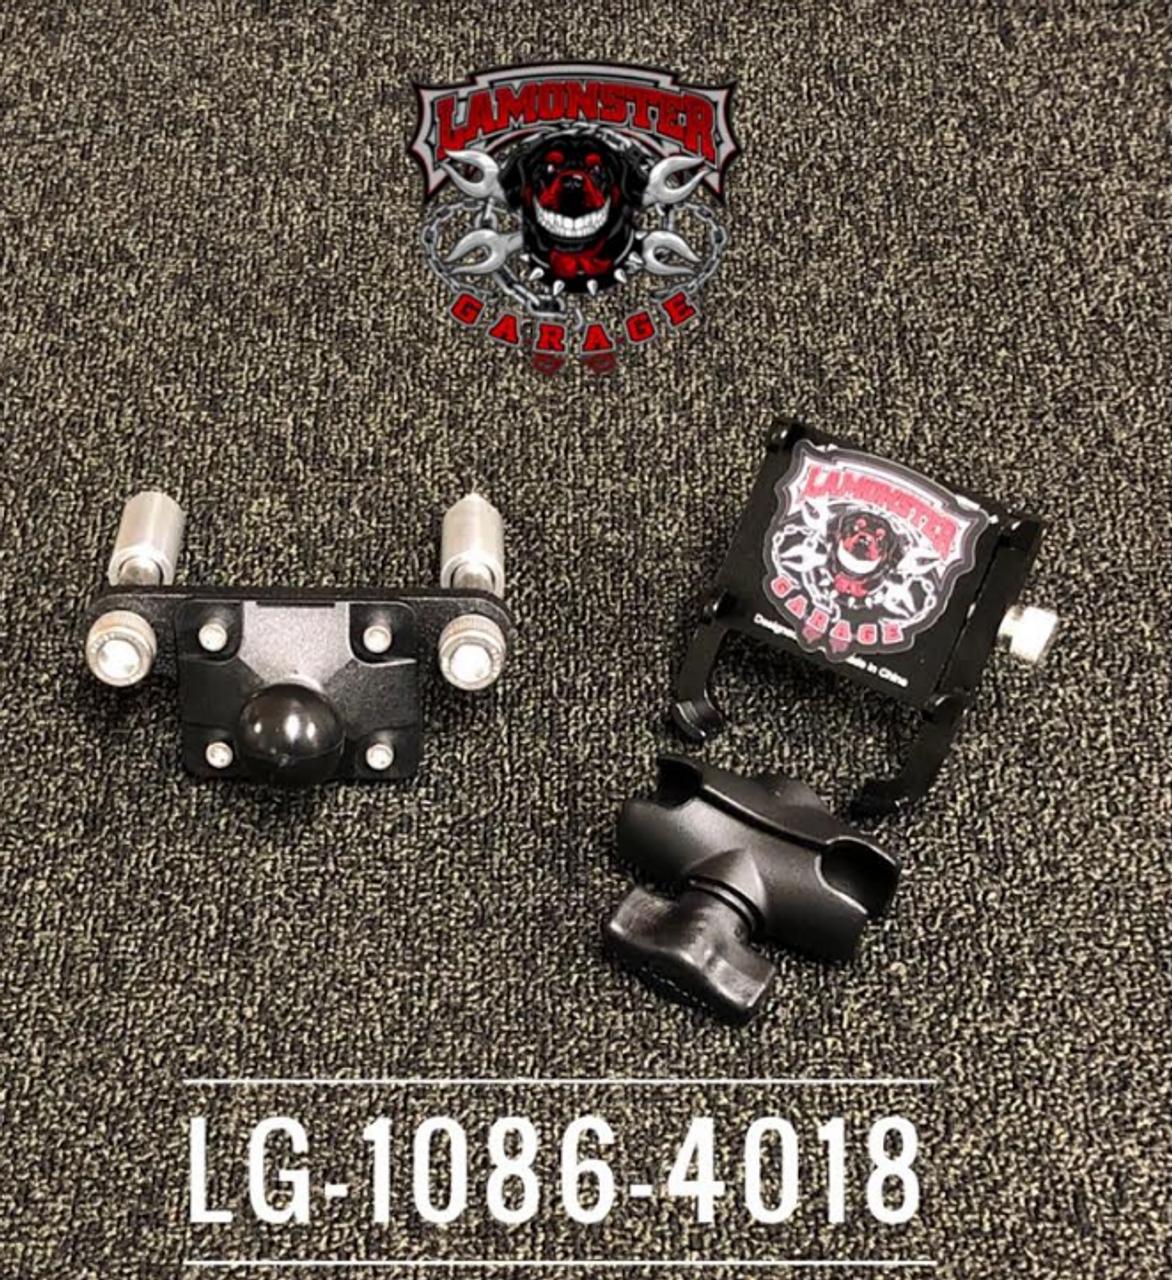 Lamonster Ram mount for F3 & RT 2.0 (Mount and Phone Holder) (LG1086-4018)